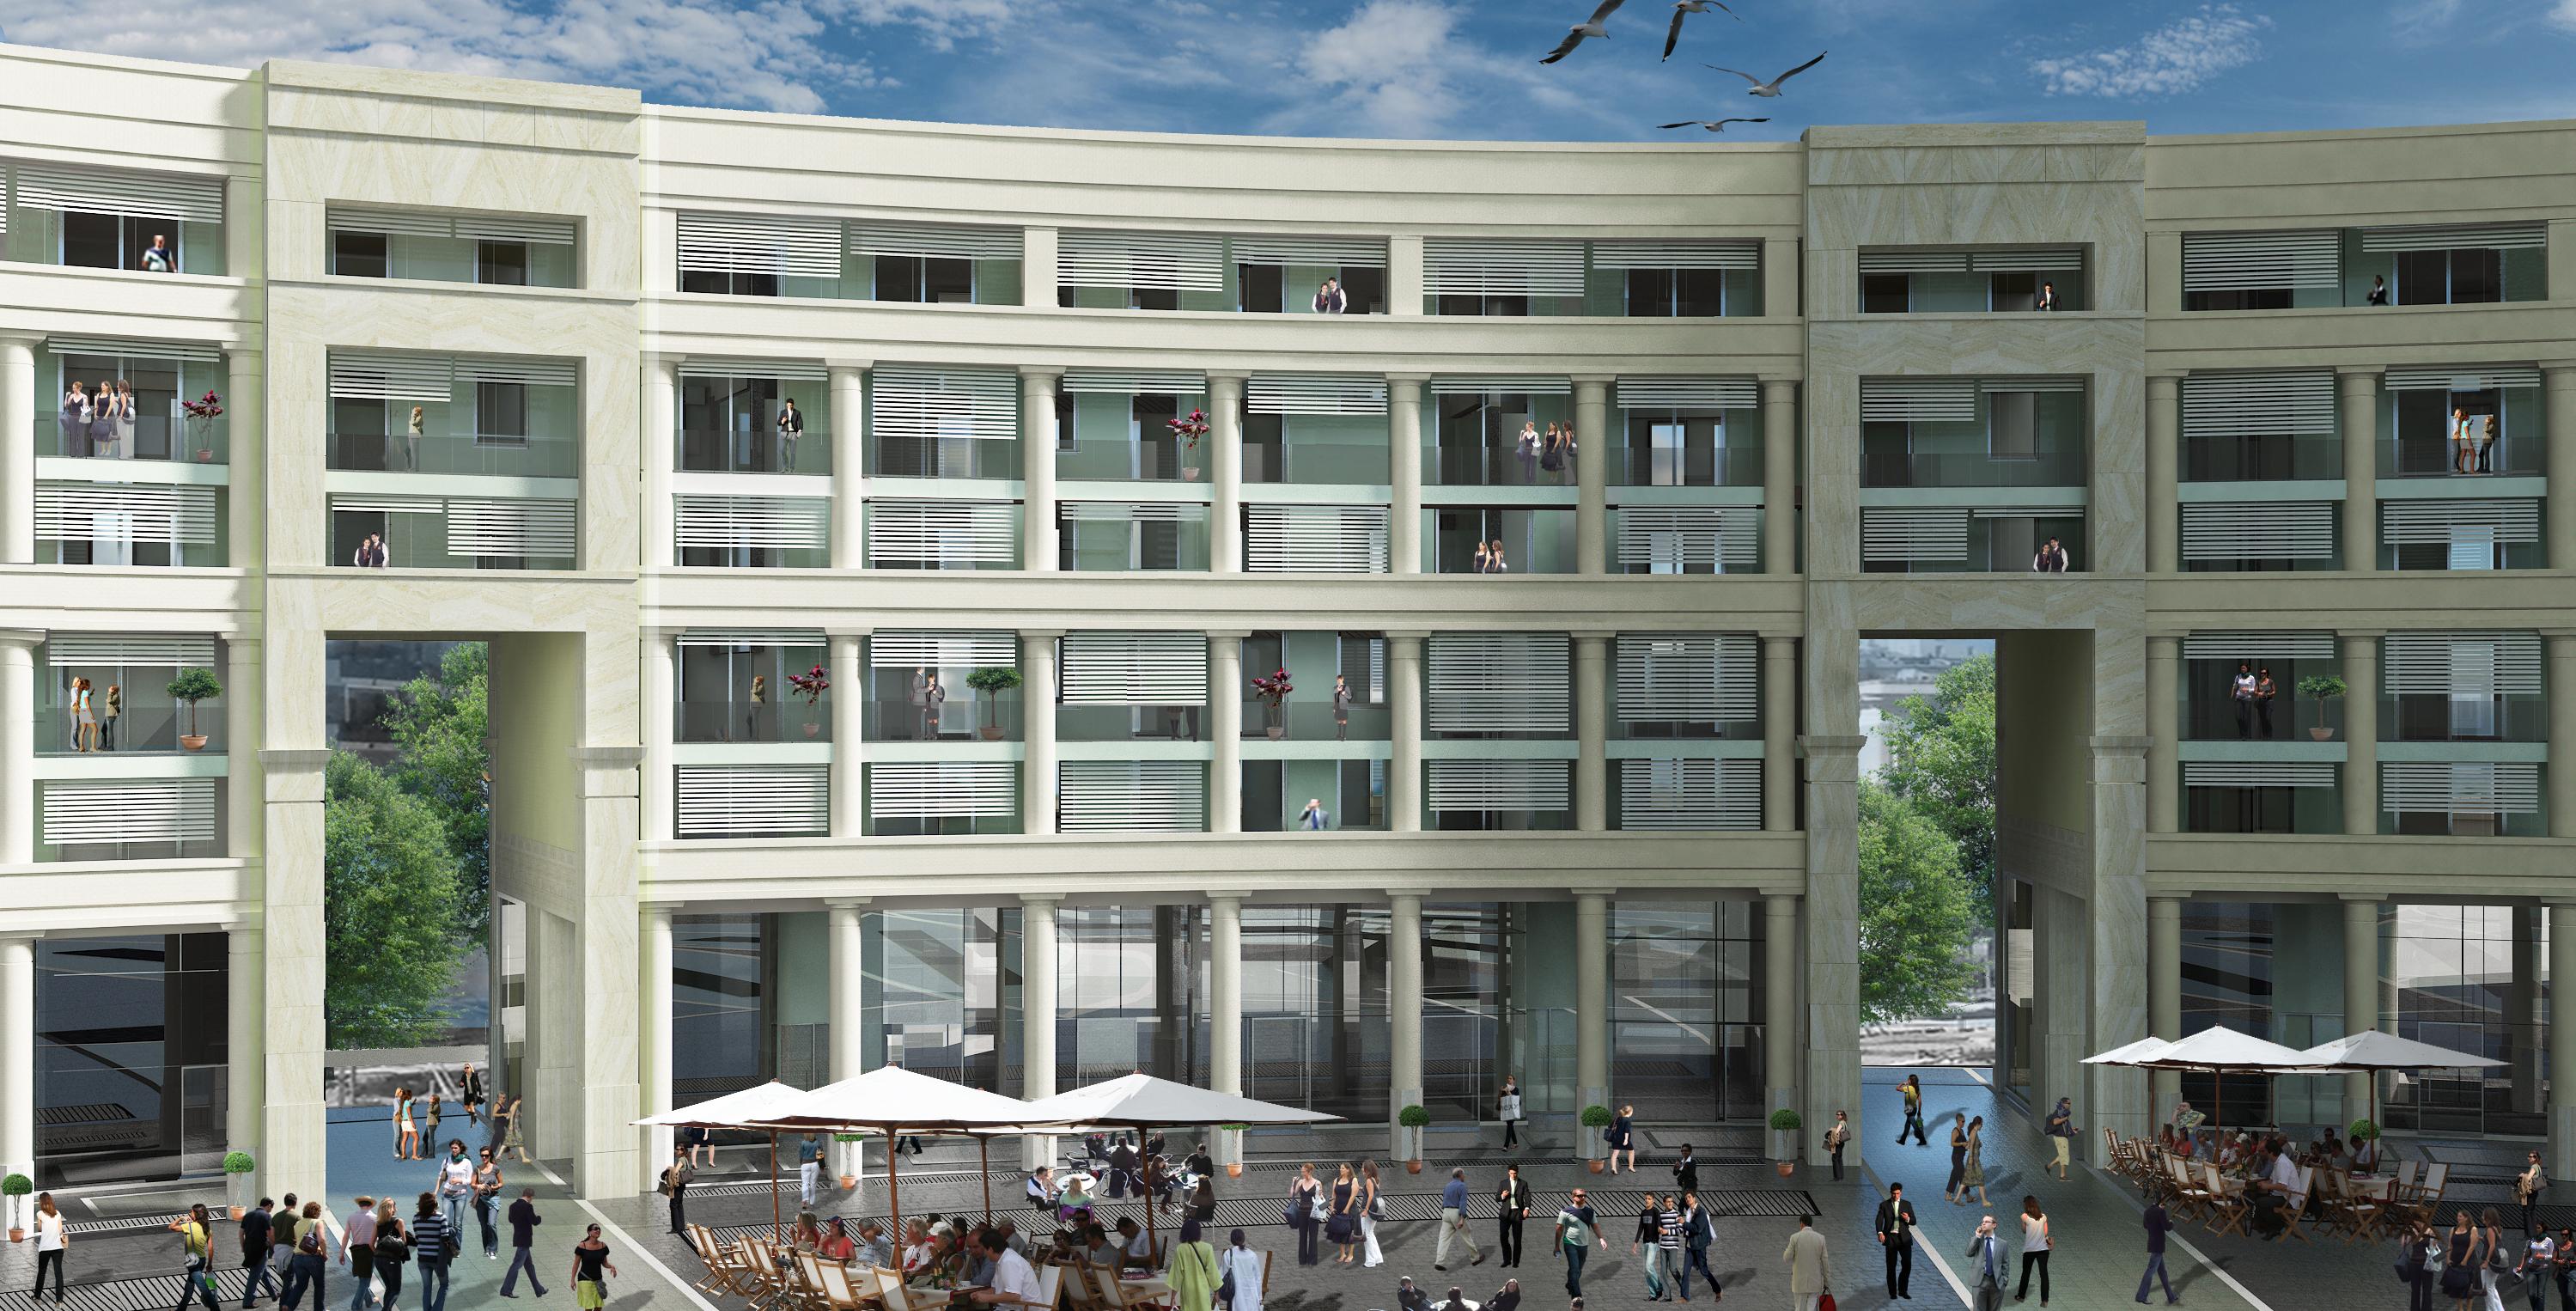 Ufficio Verde Pubblico Salerno : Il crescent u2013 crescent salerno